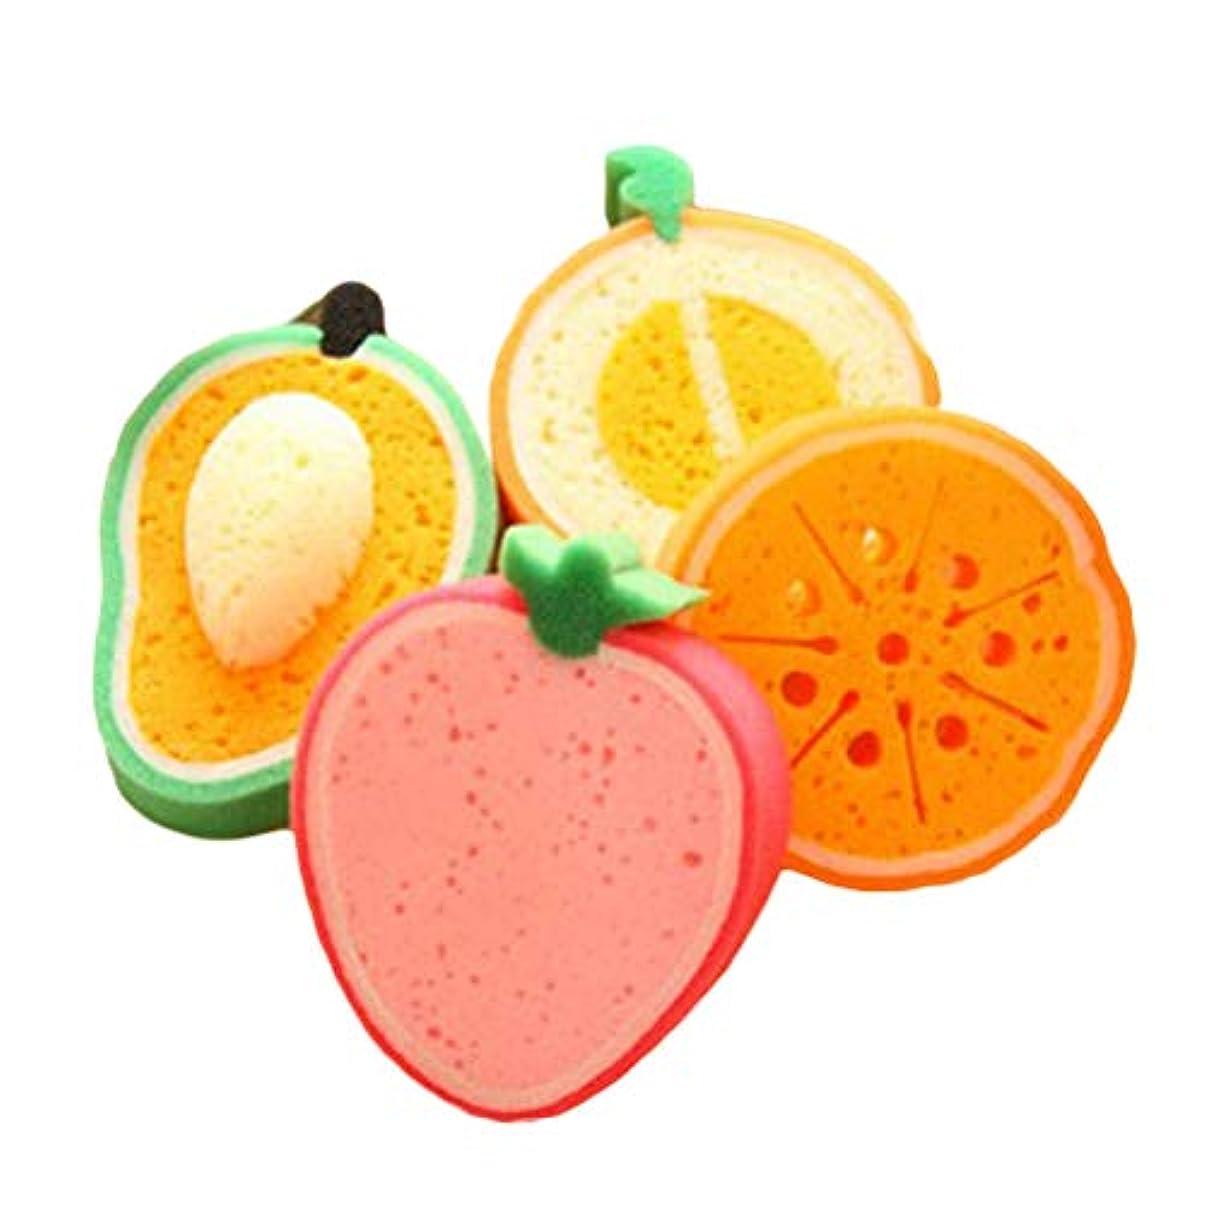 たるみ粒ほこりROSENICE 子供のためのフルーツの形のバススポンジバスブラシ4個